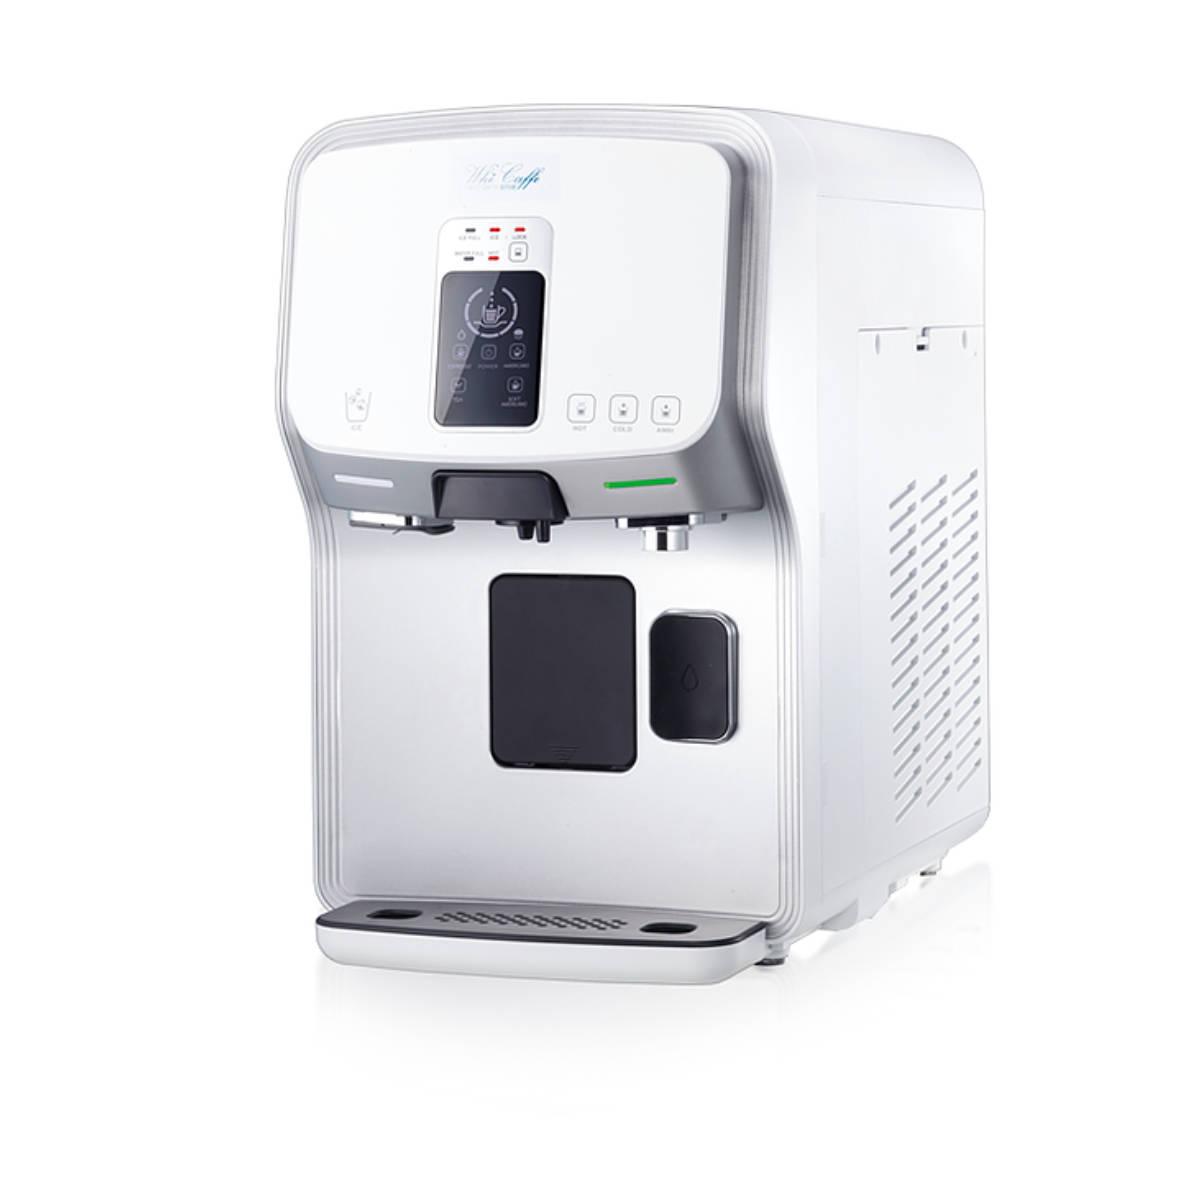 Cafe ICE Wasserfilter und Kaffeemaschiene